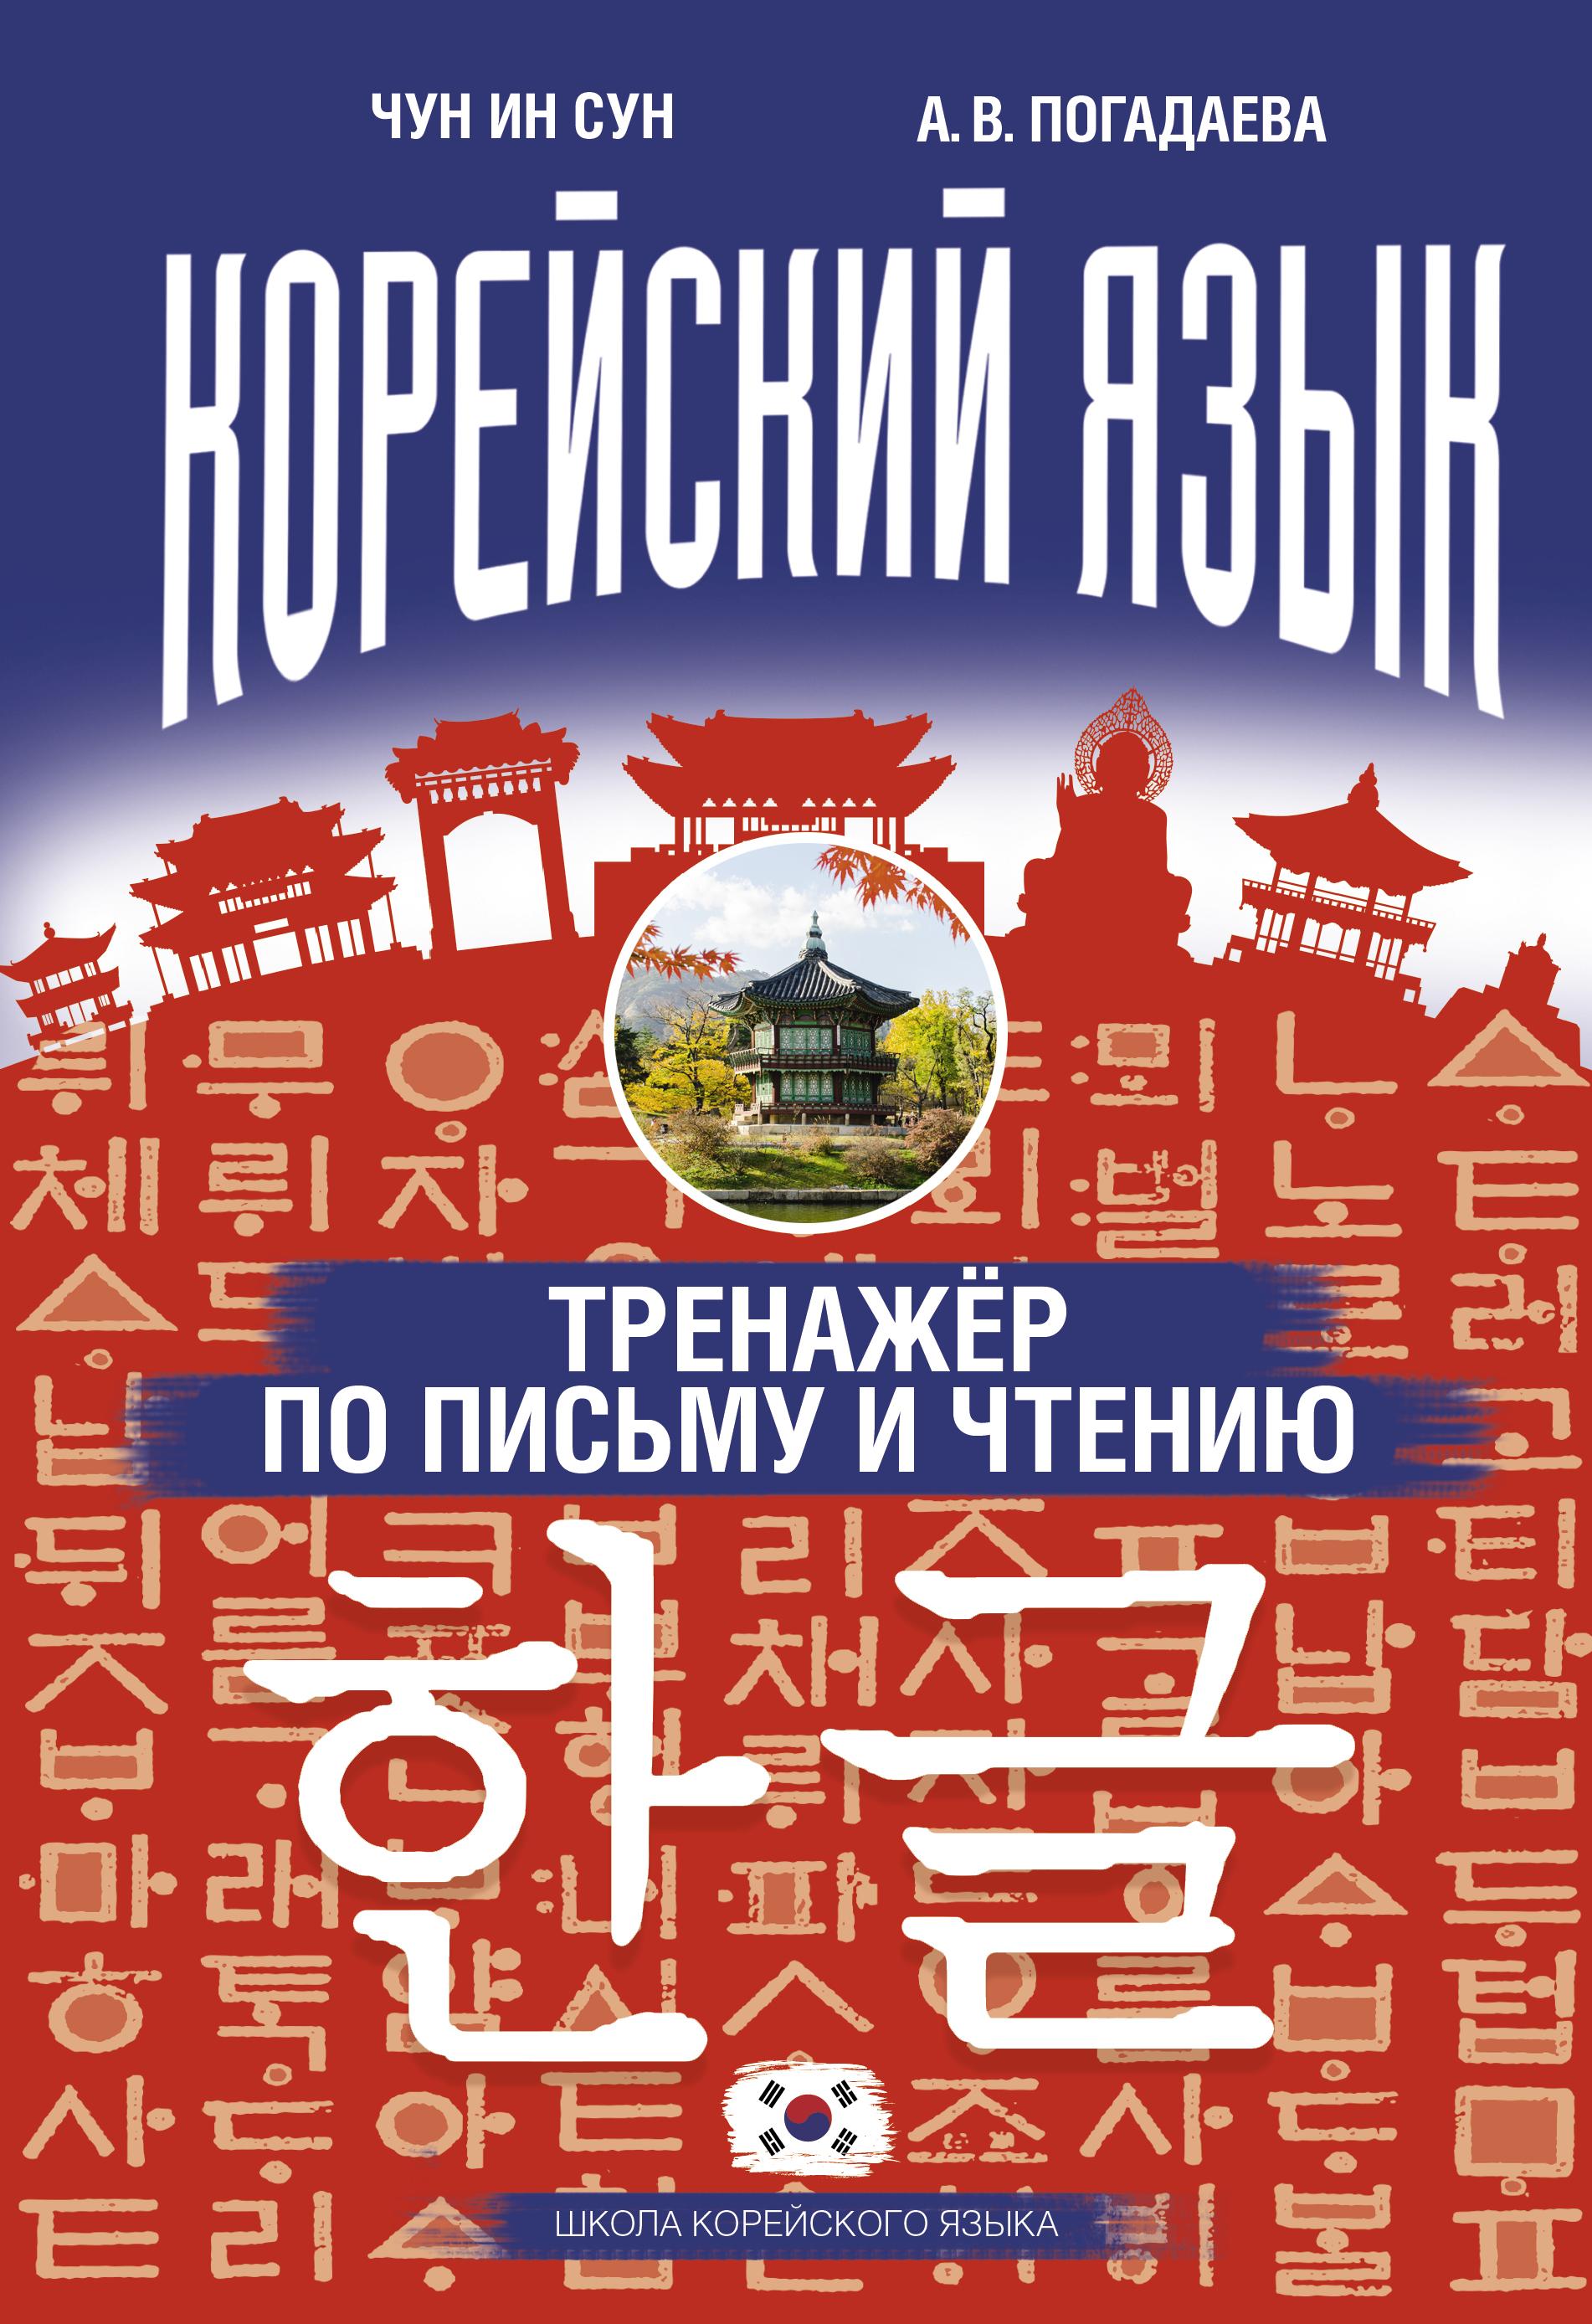 Корейский язык. Тренажёр по письму и чтению ( Чун Ин Сун, Погадаева А.В.  )